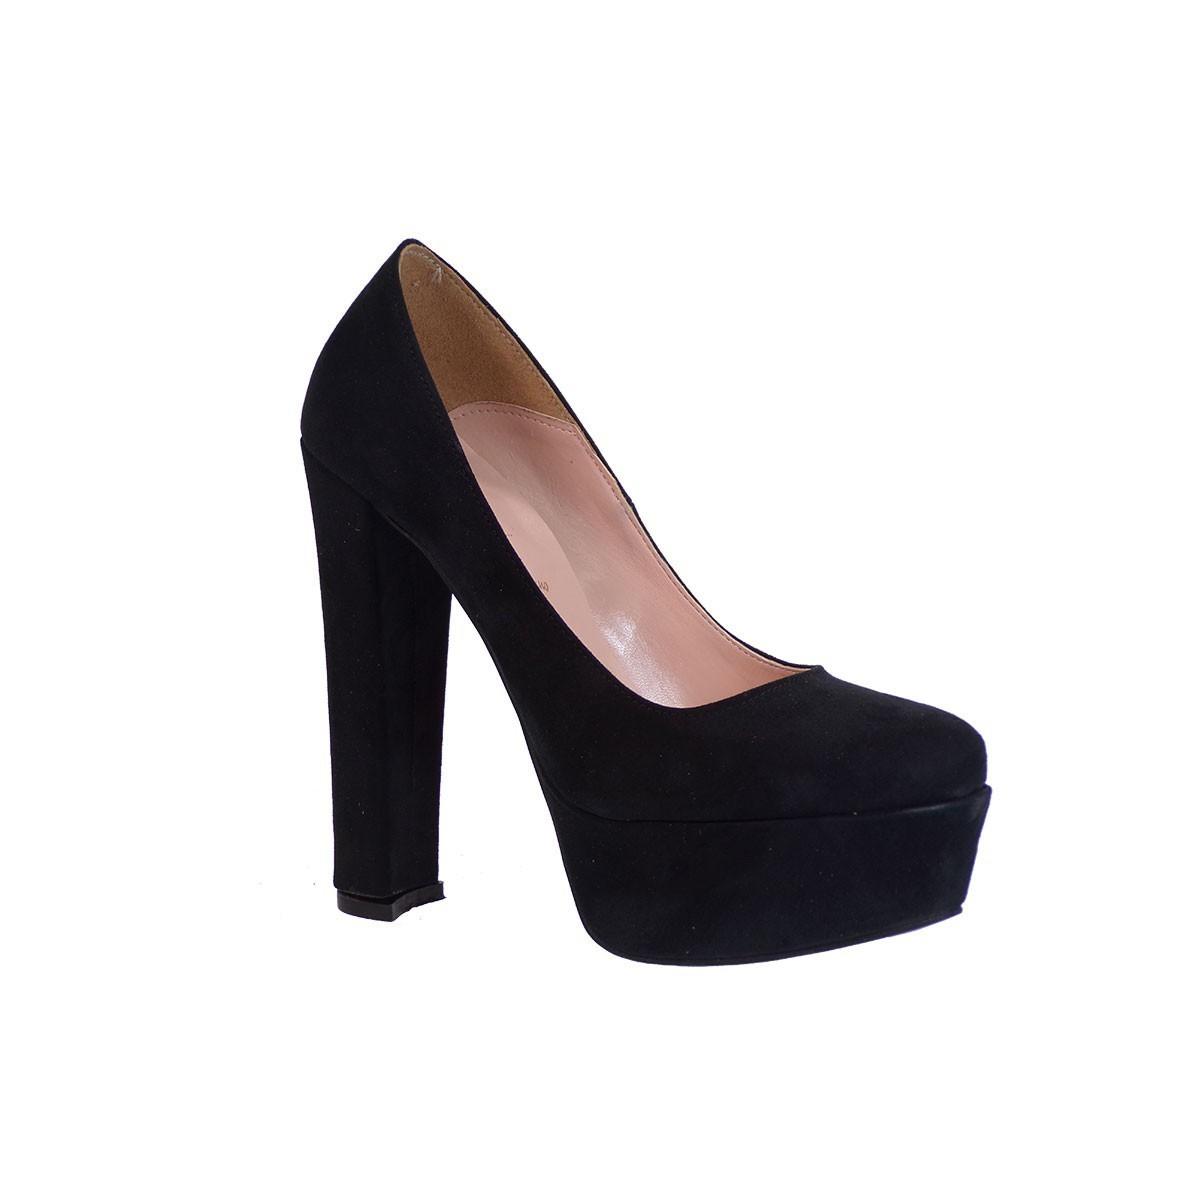 Alessandra Paggioti Γυναικεία Παπούτσια Γόβες 78001 Μαύρο Καστόρι